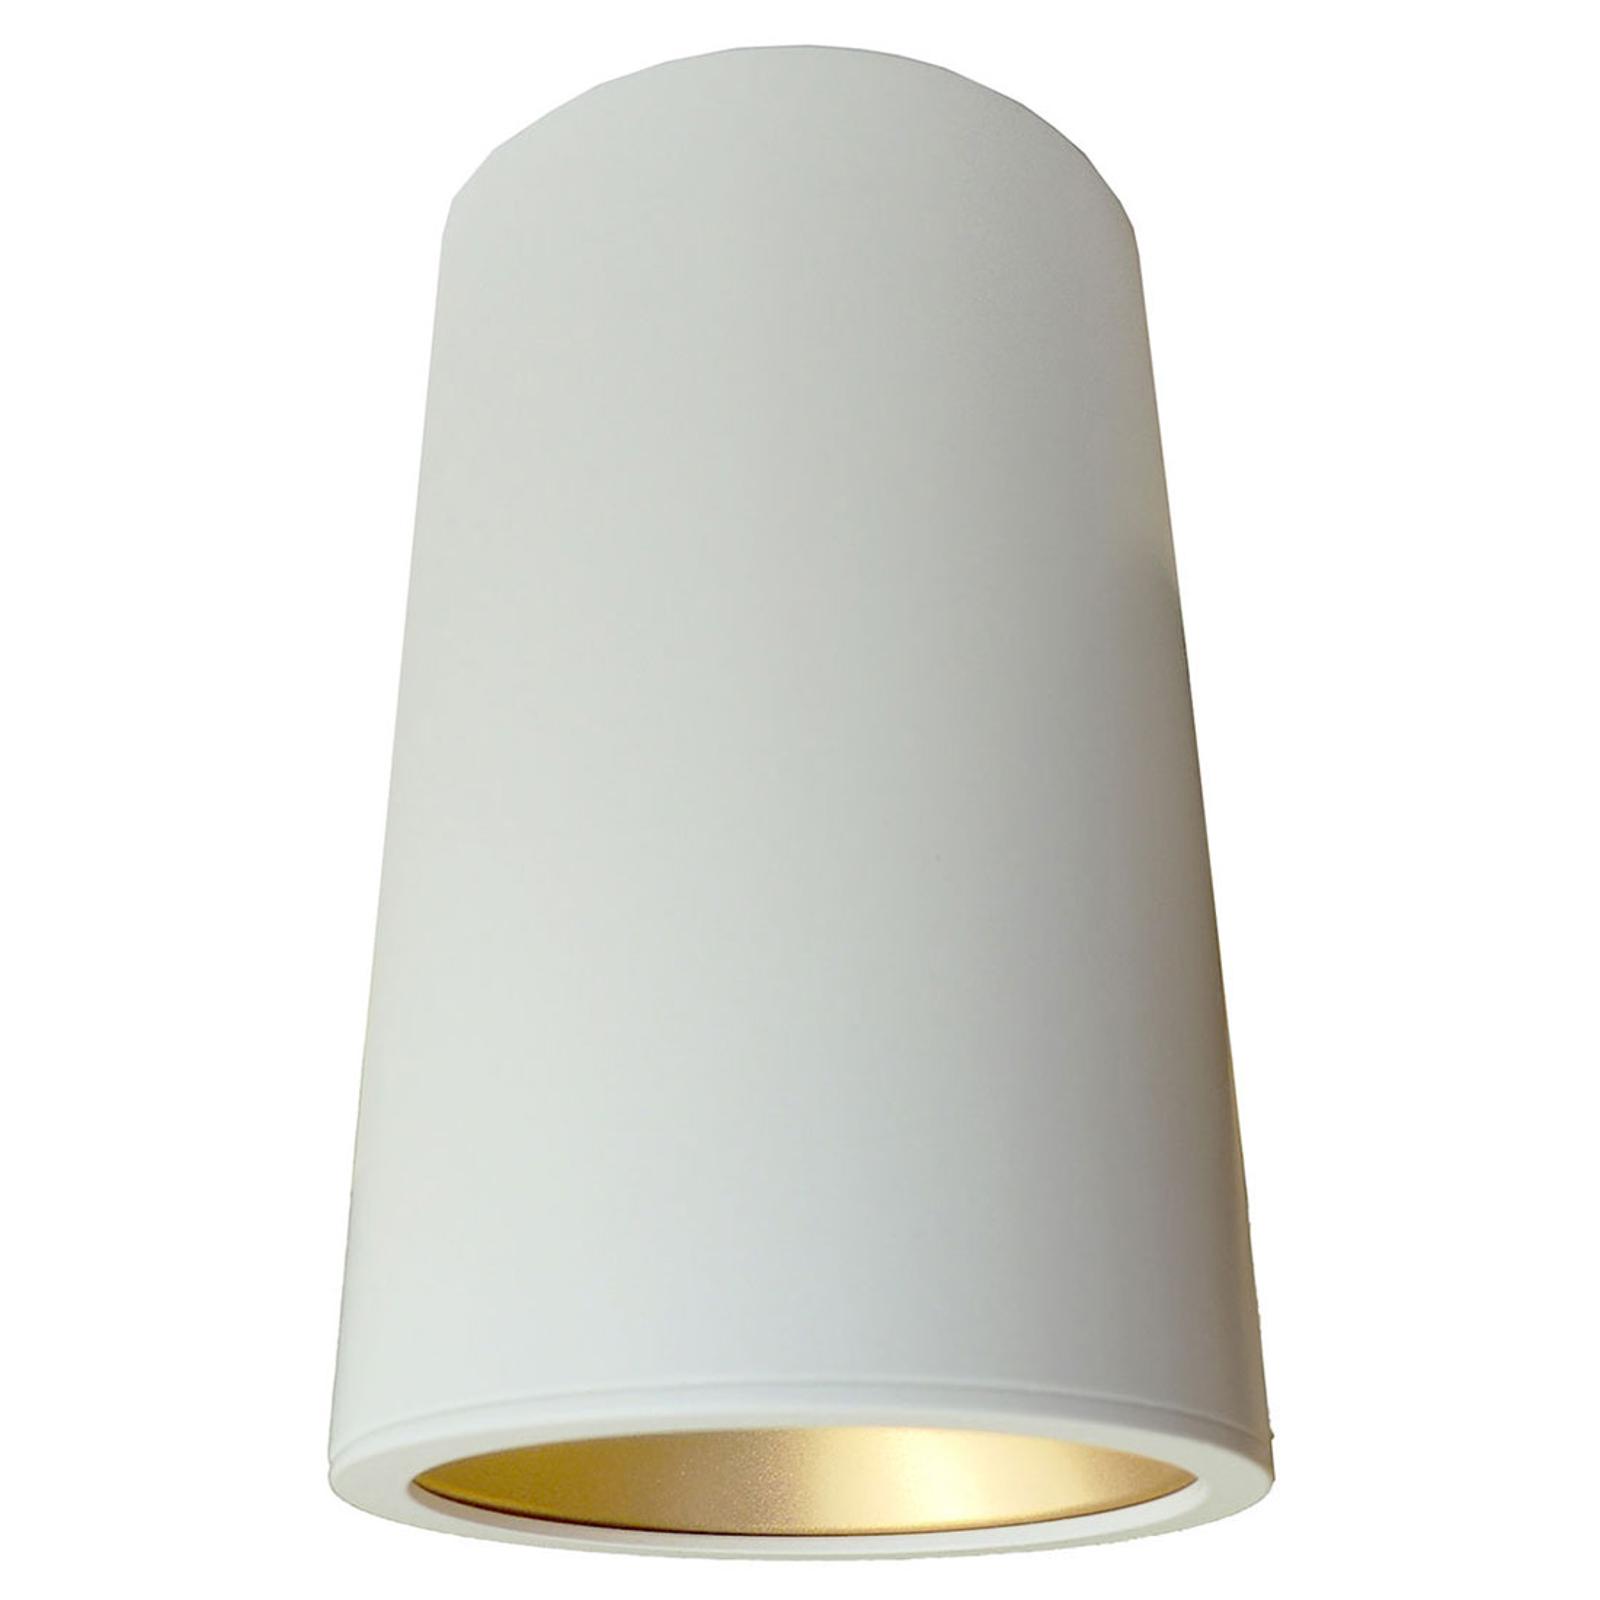 LED opbouw downlight Jesta, wit